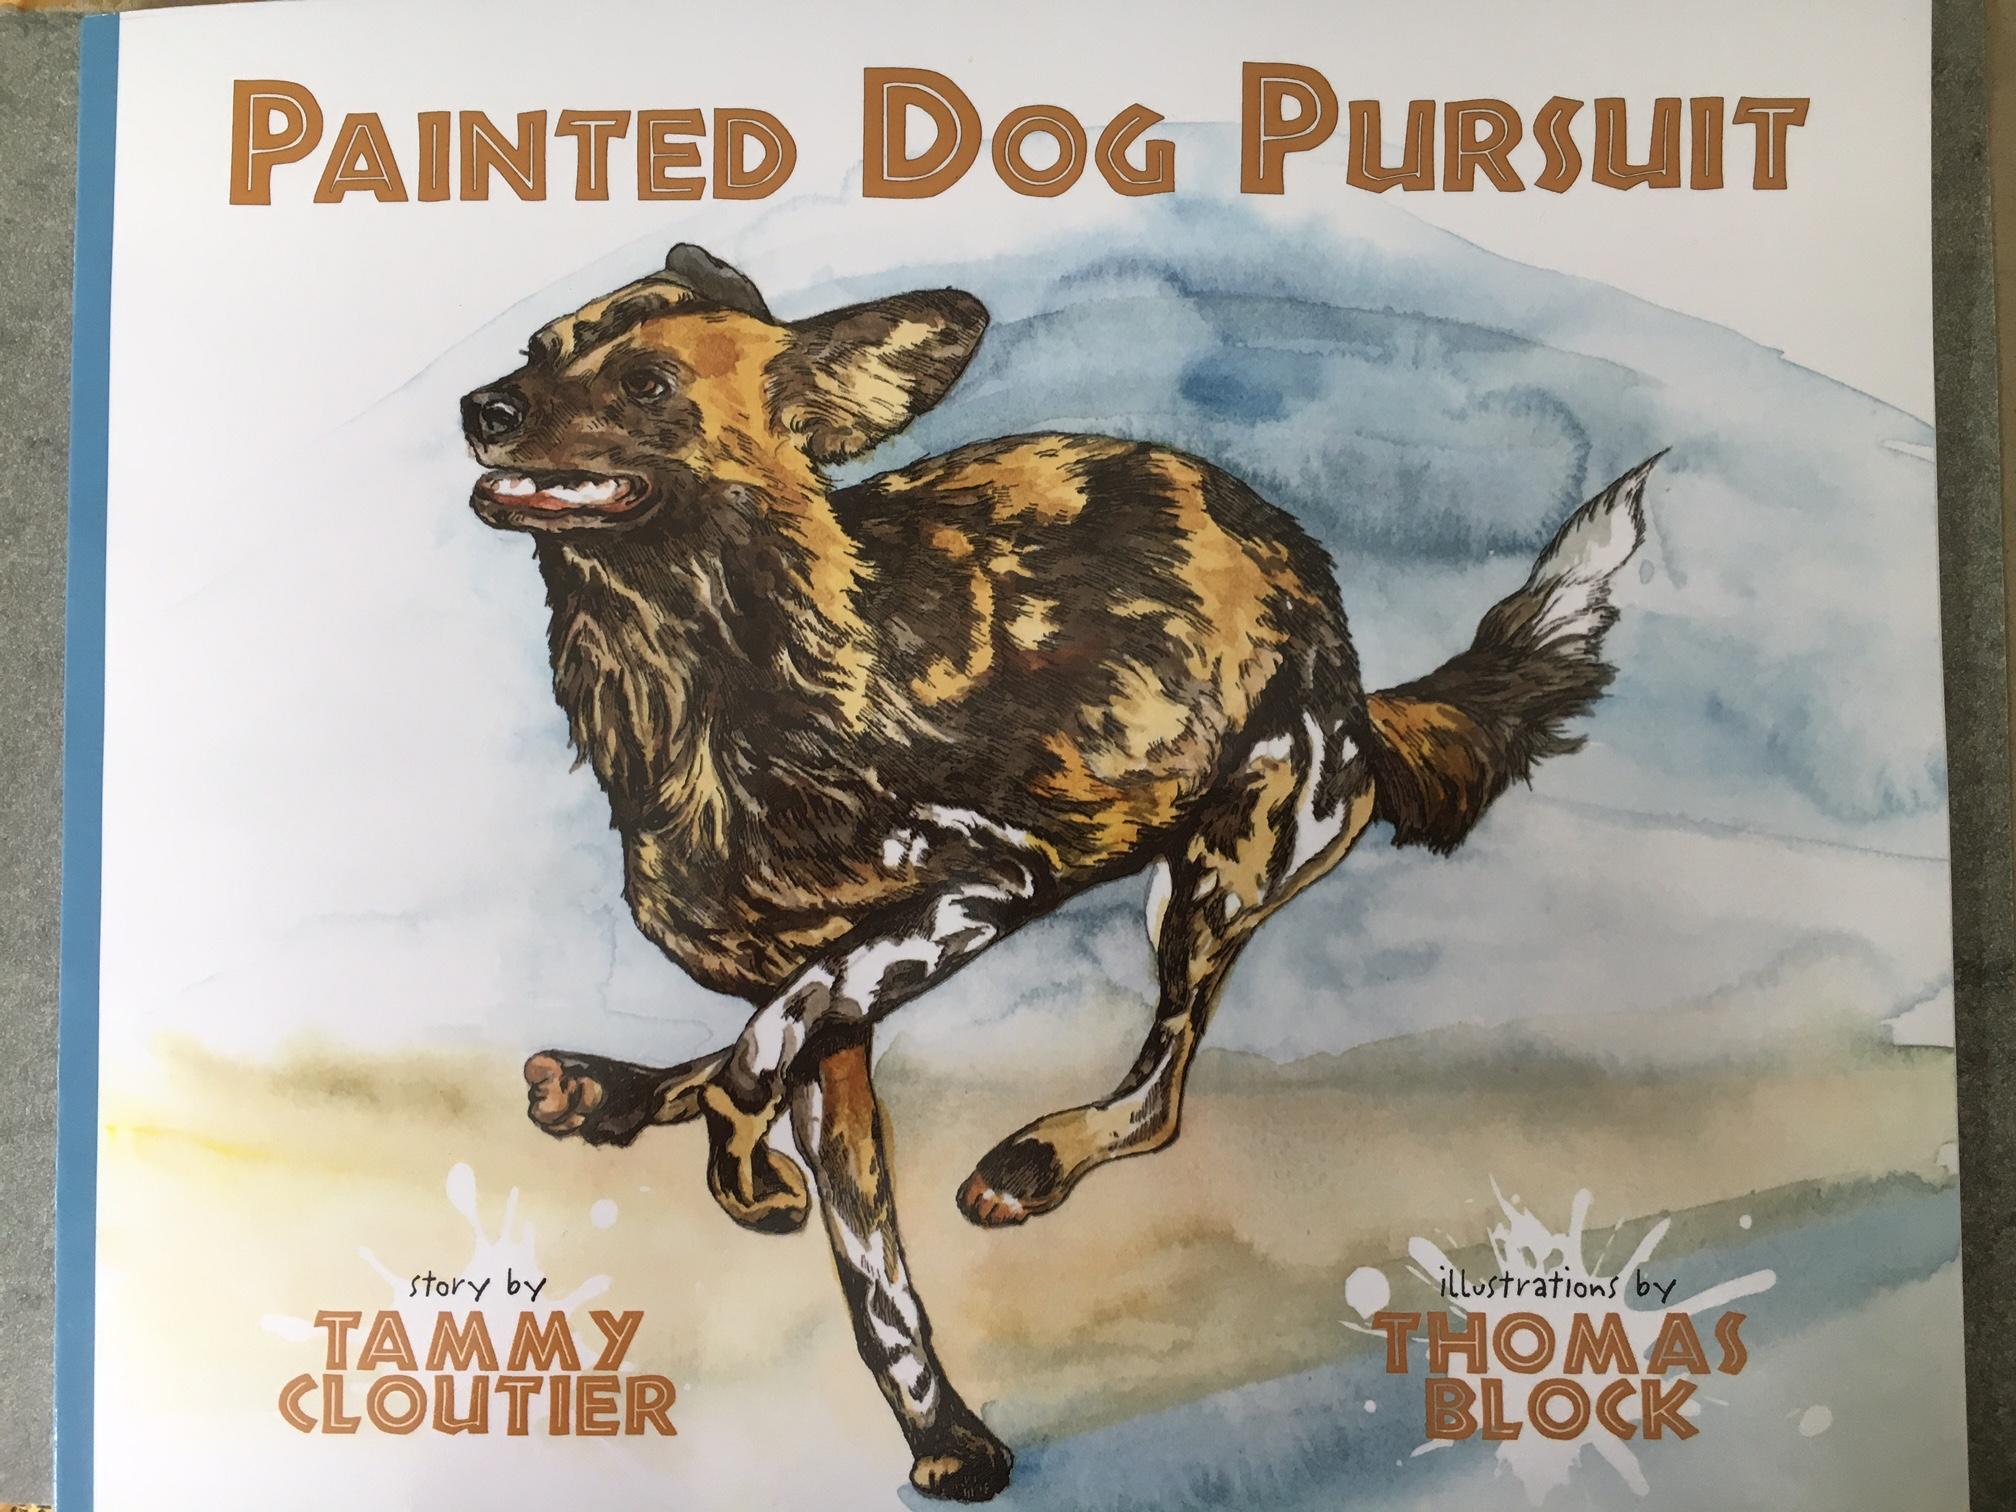 p dog pursuit cover